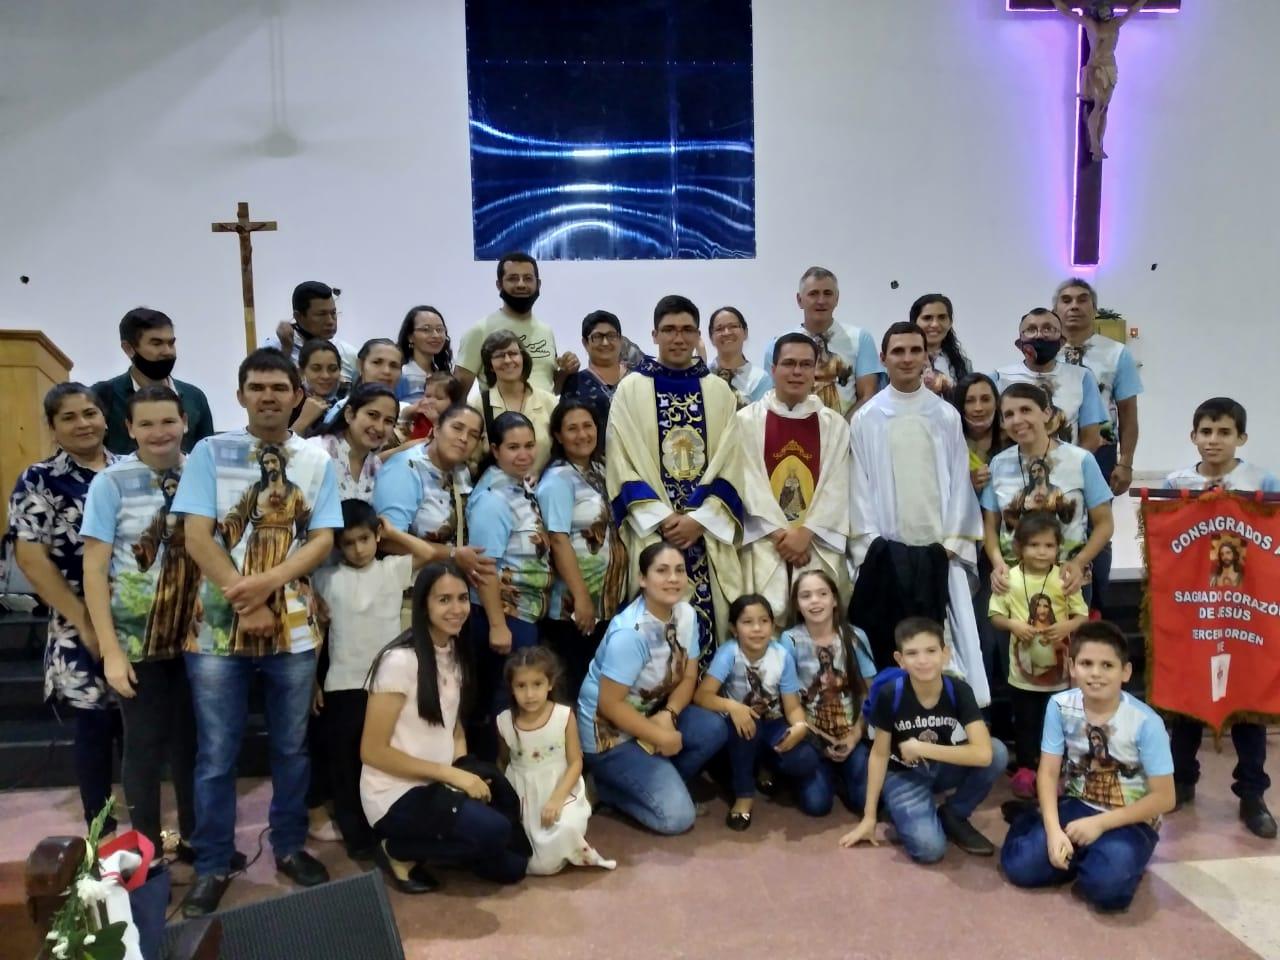 Ordenaciones sacerdotales en Paraguay